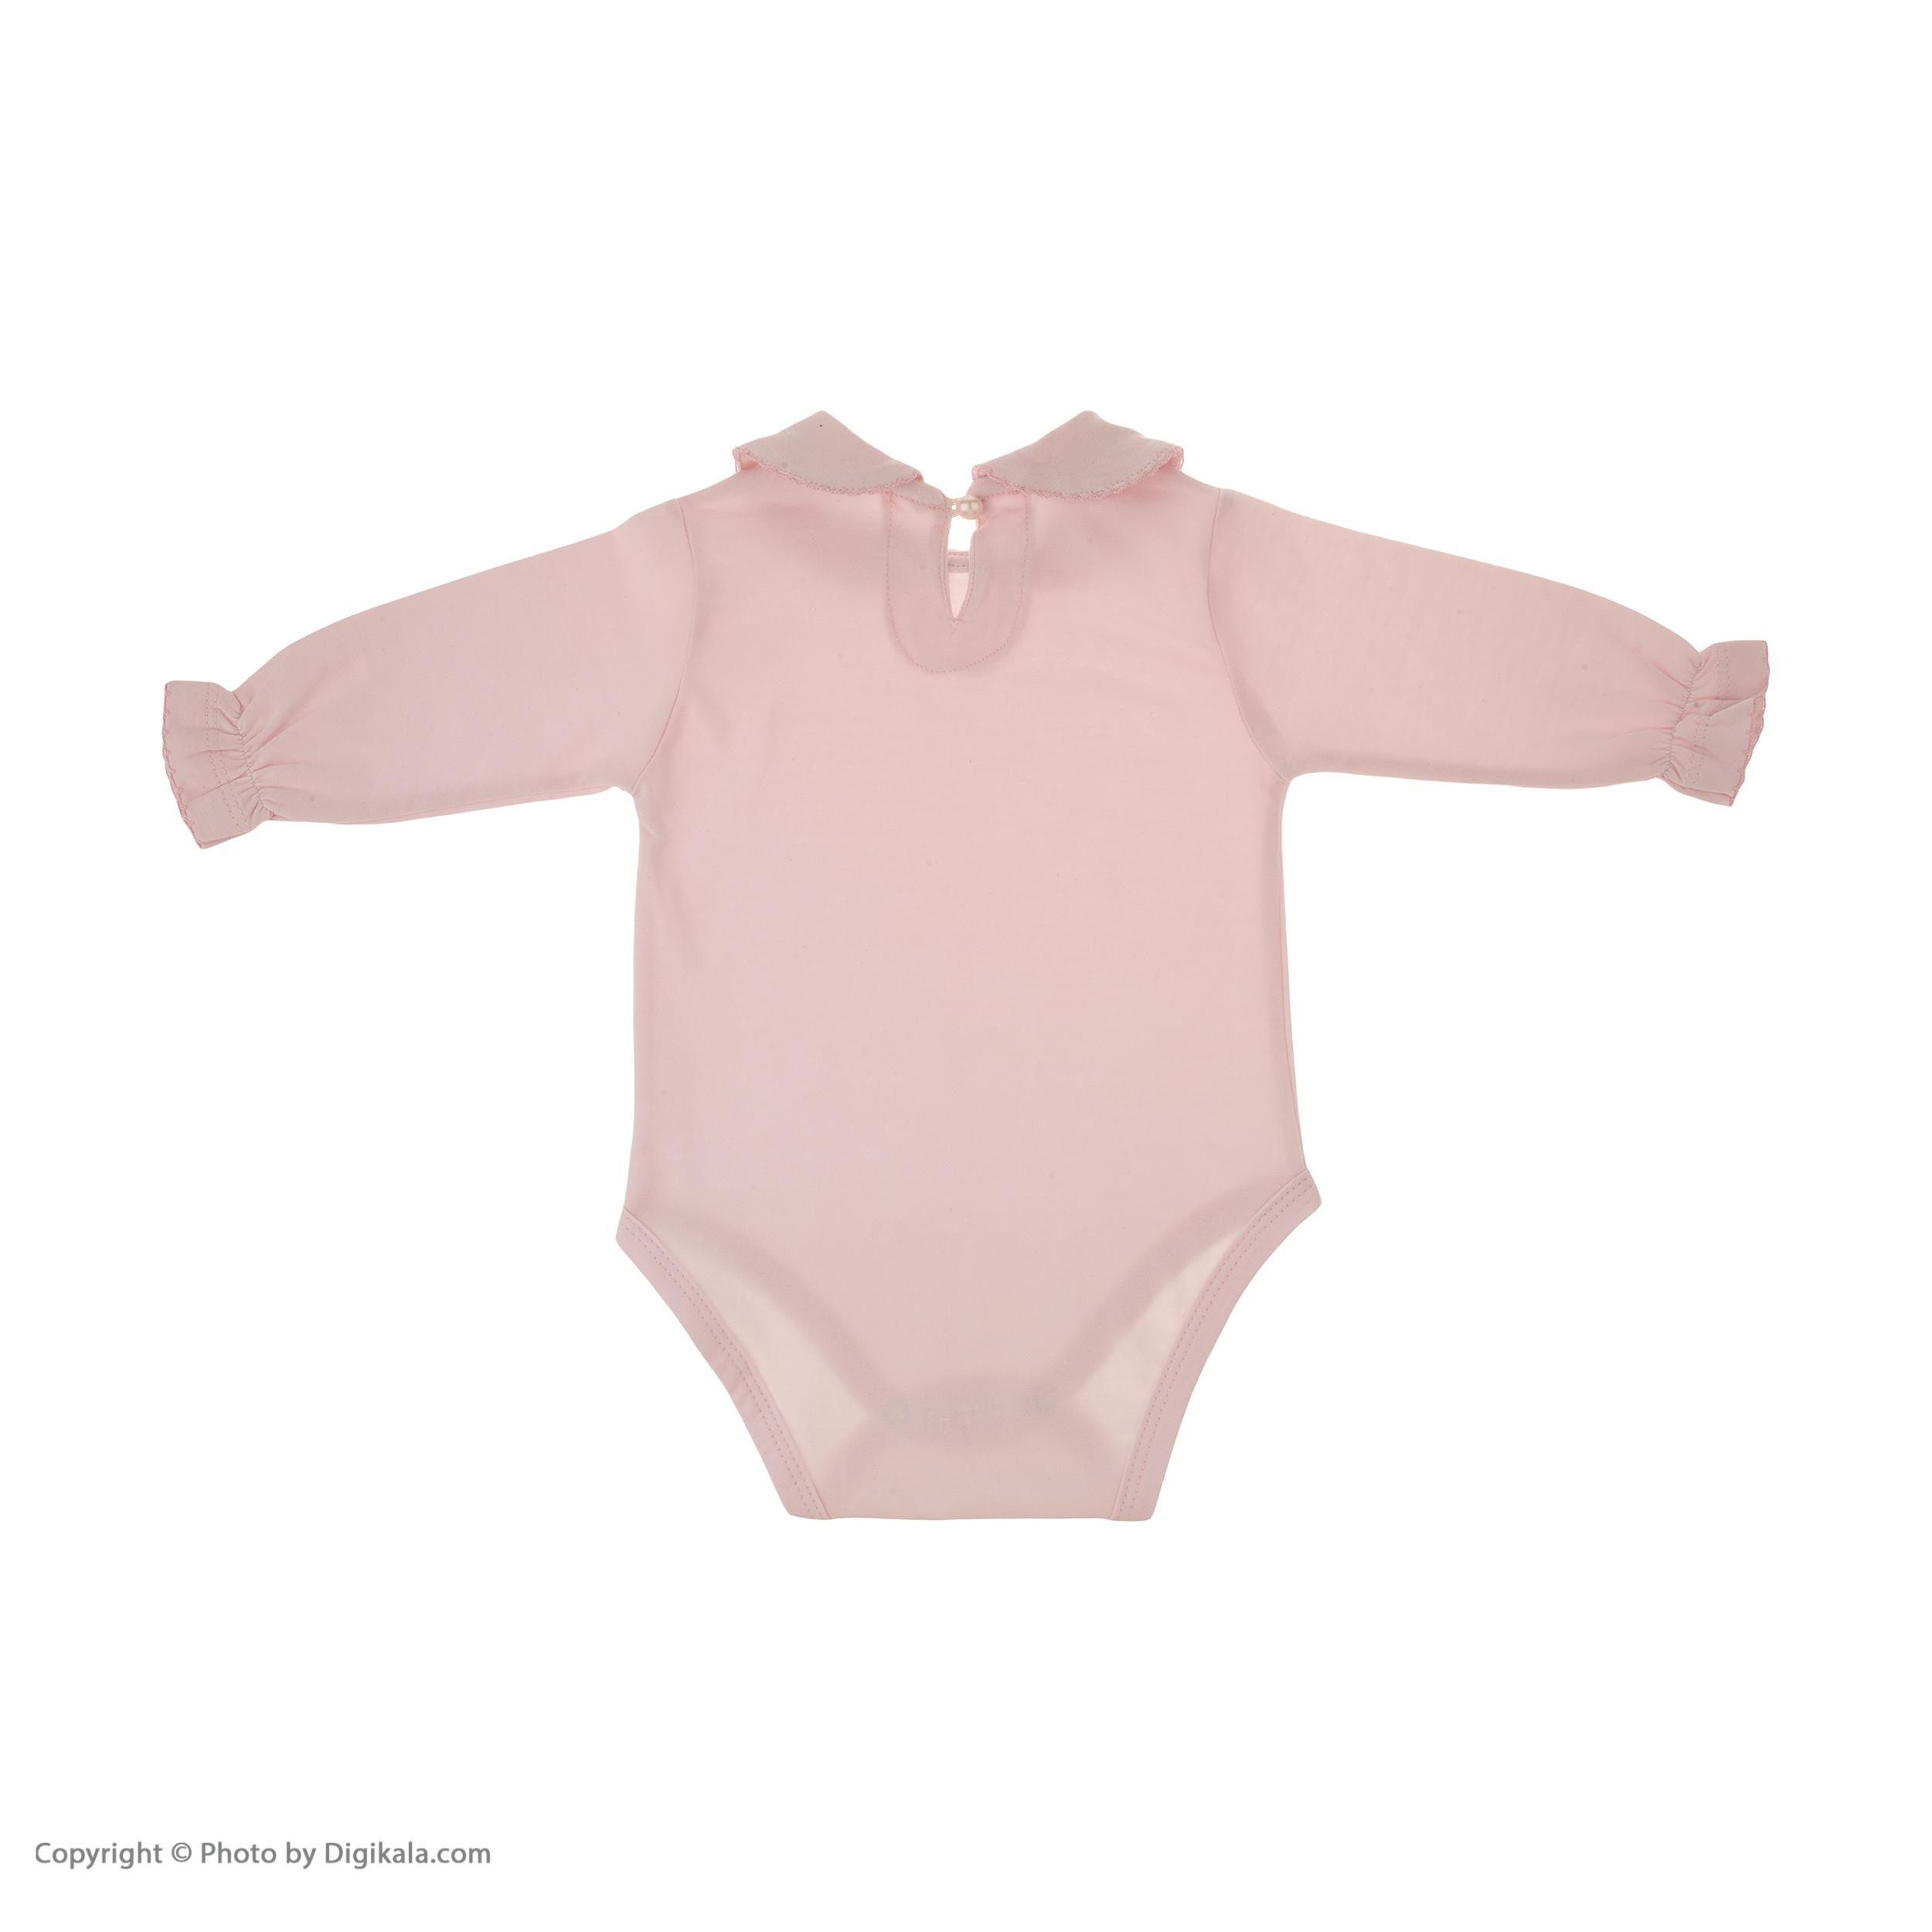 بادی نوزادی دخترانهنونا مدل 221110329-84 -  - 3